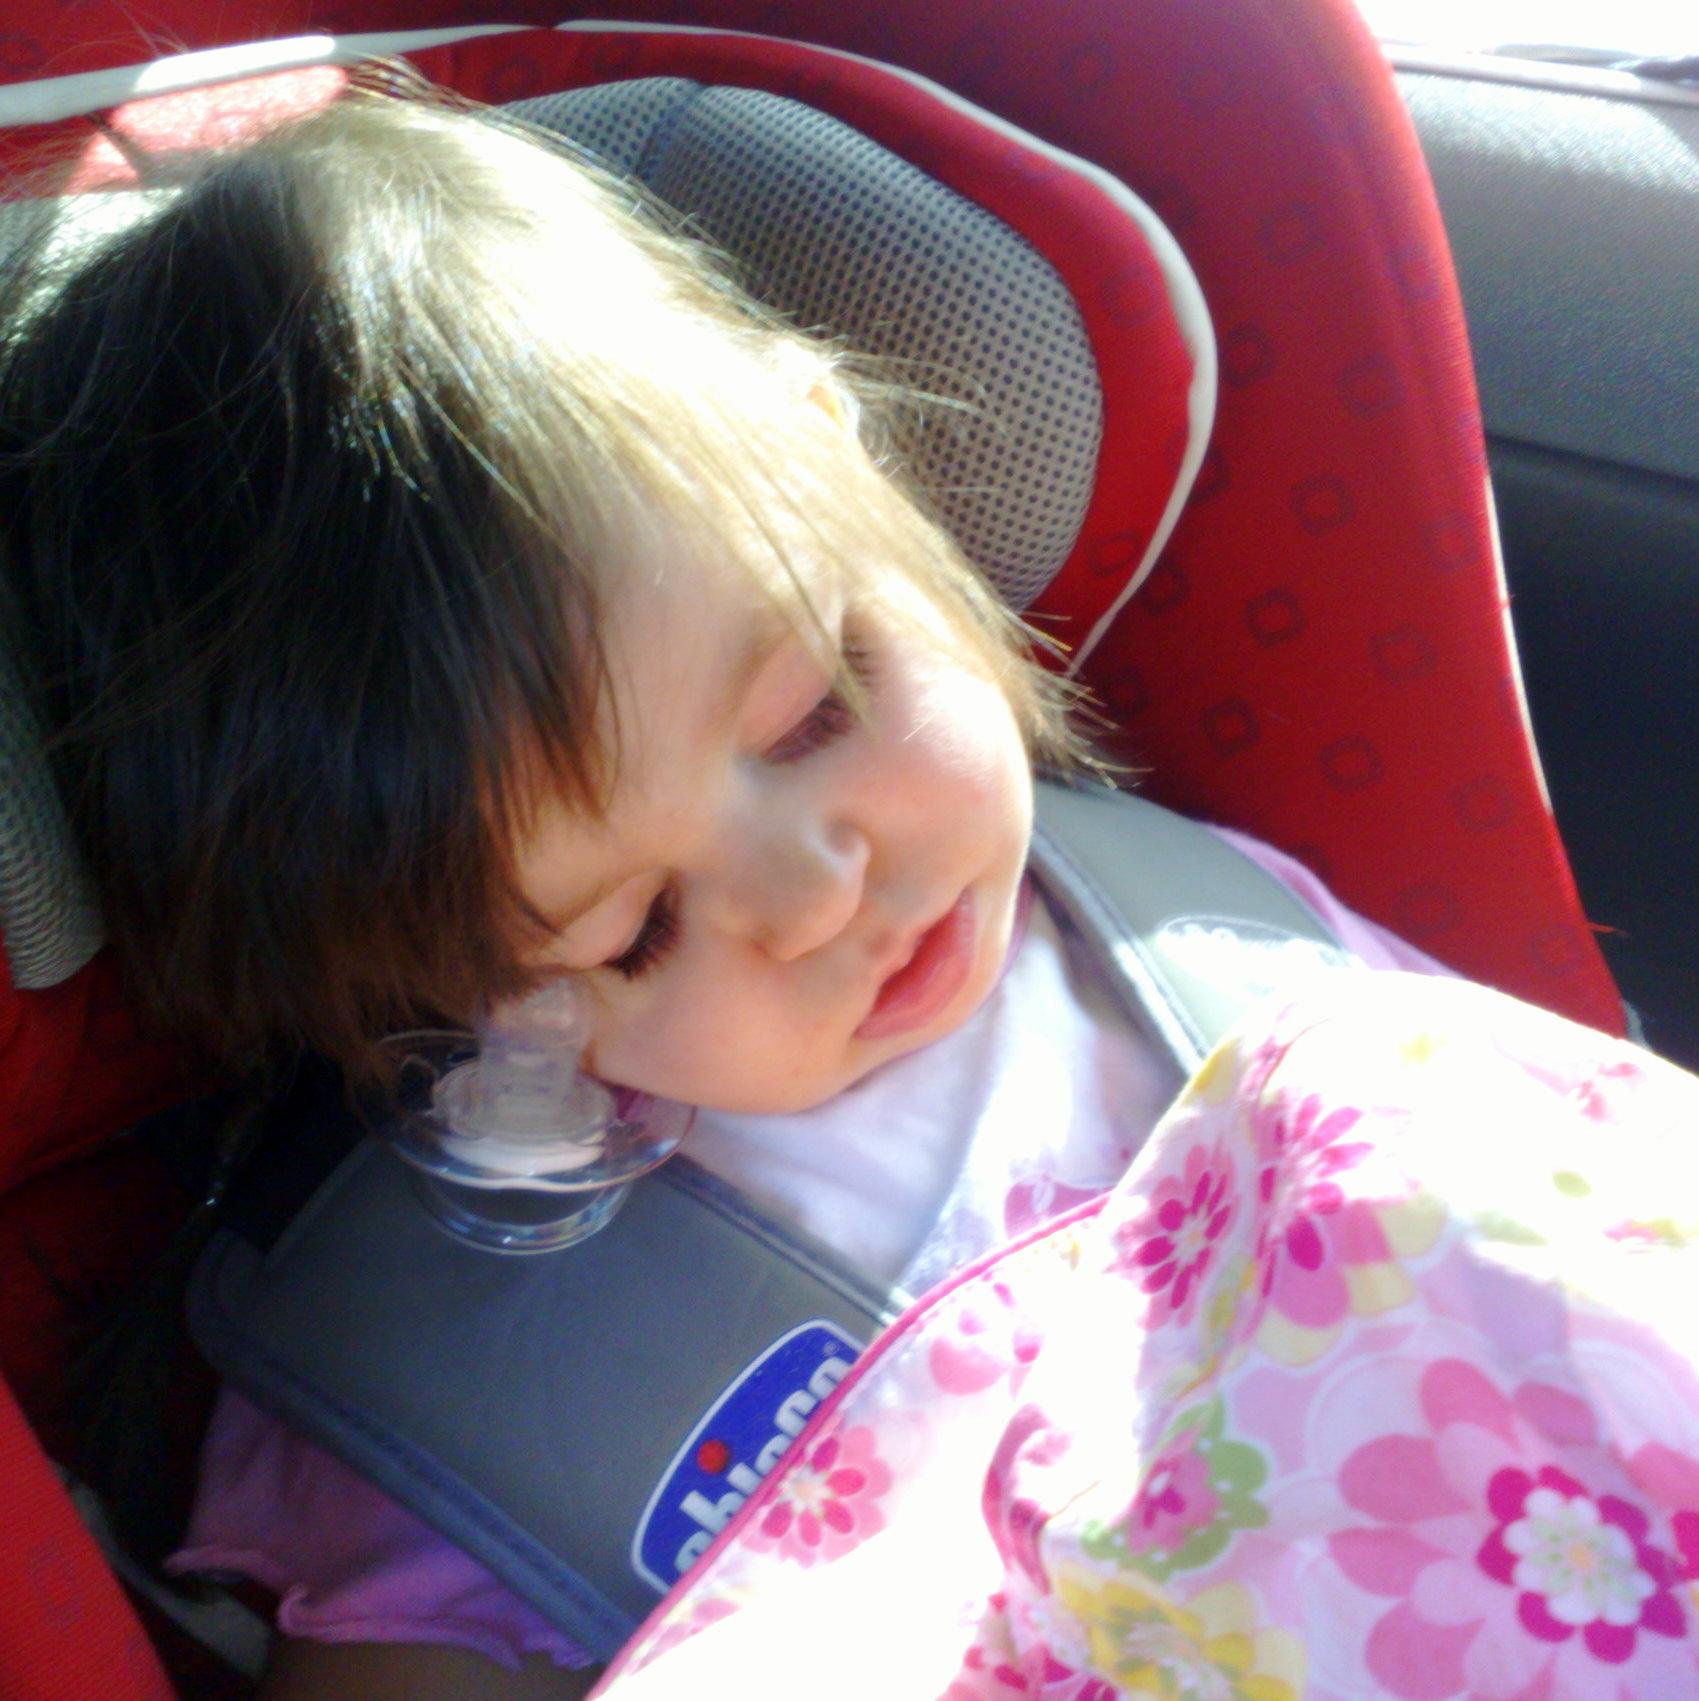 Sonno: 6 tipici errori da evitare